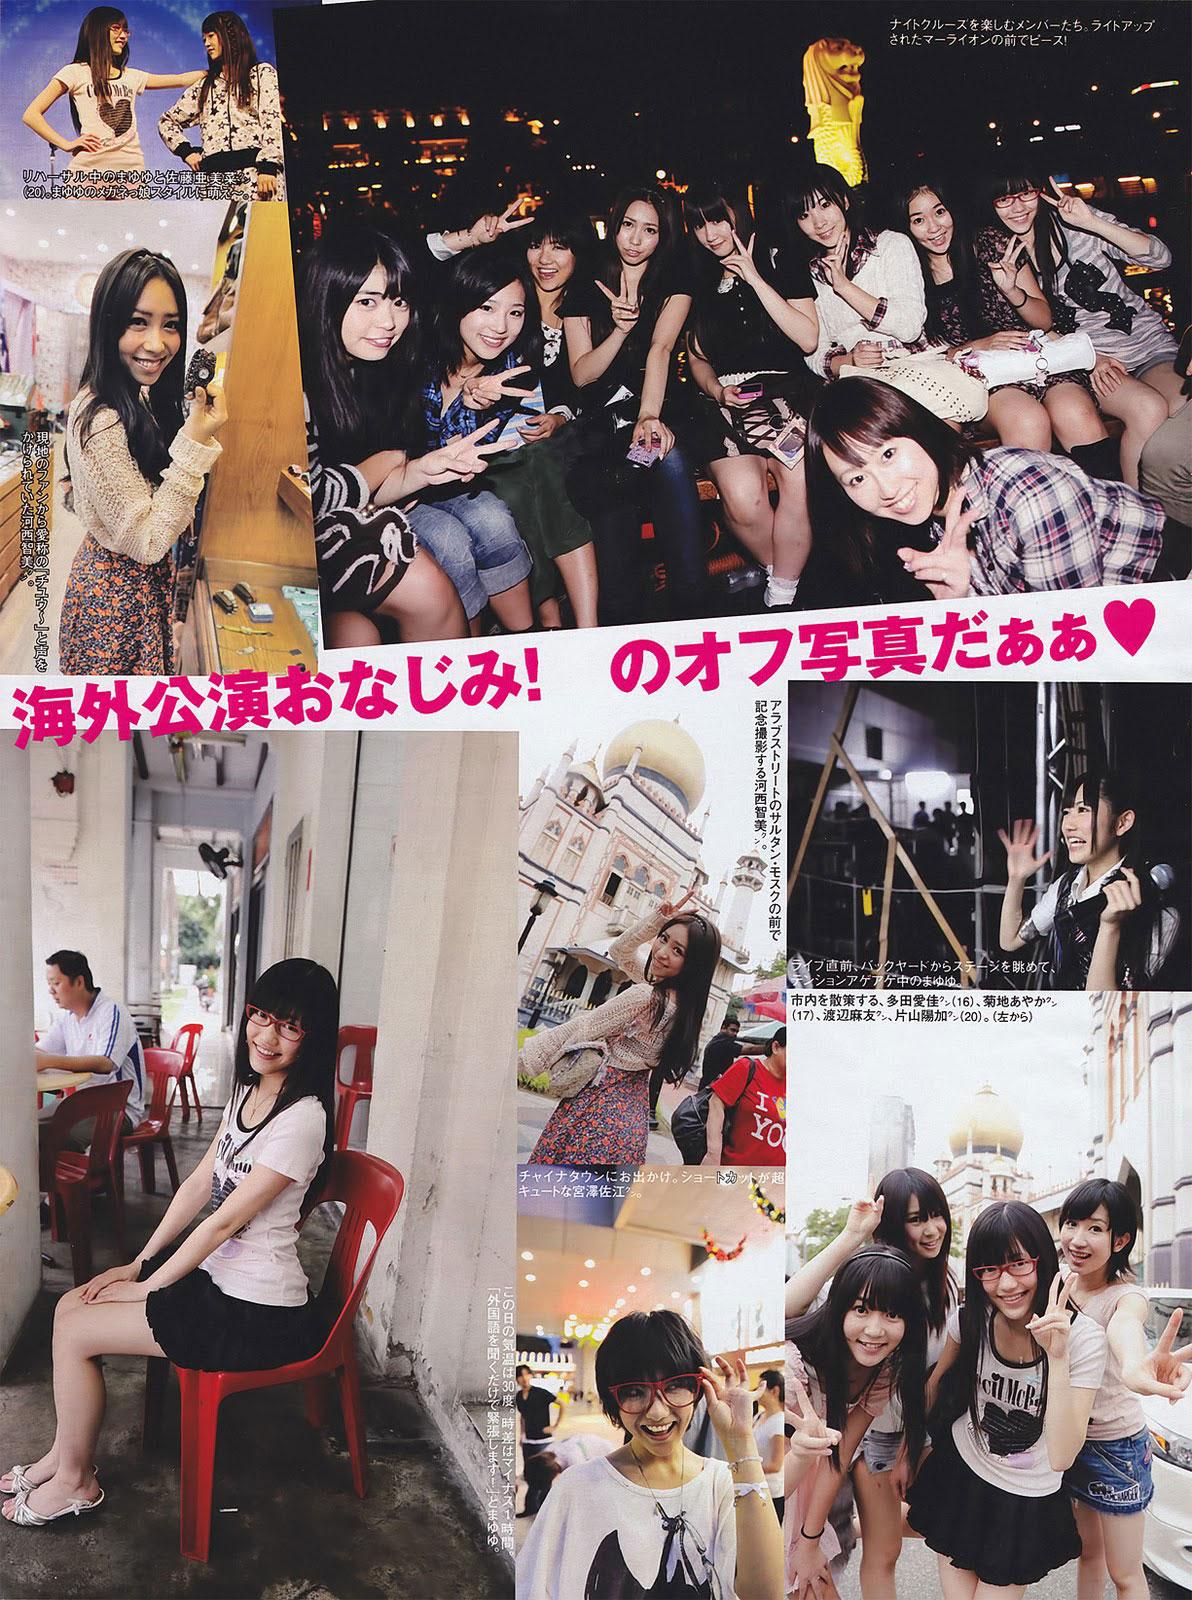 AKB48 in Singapore trip